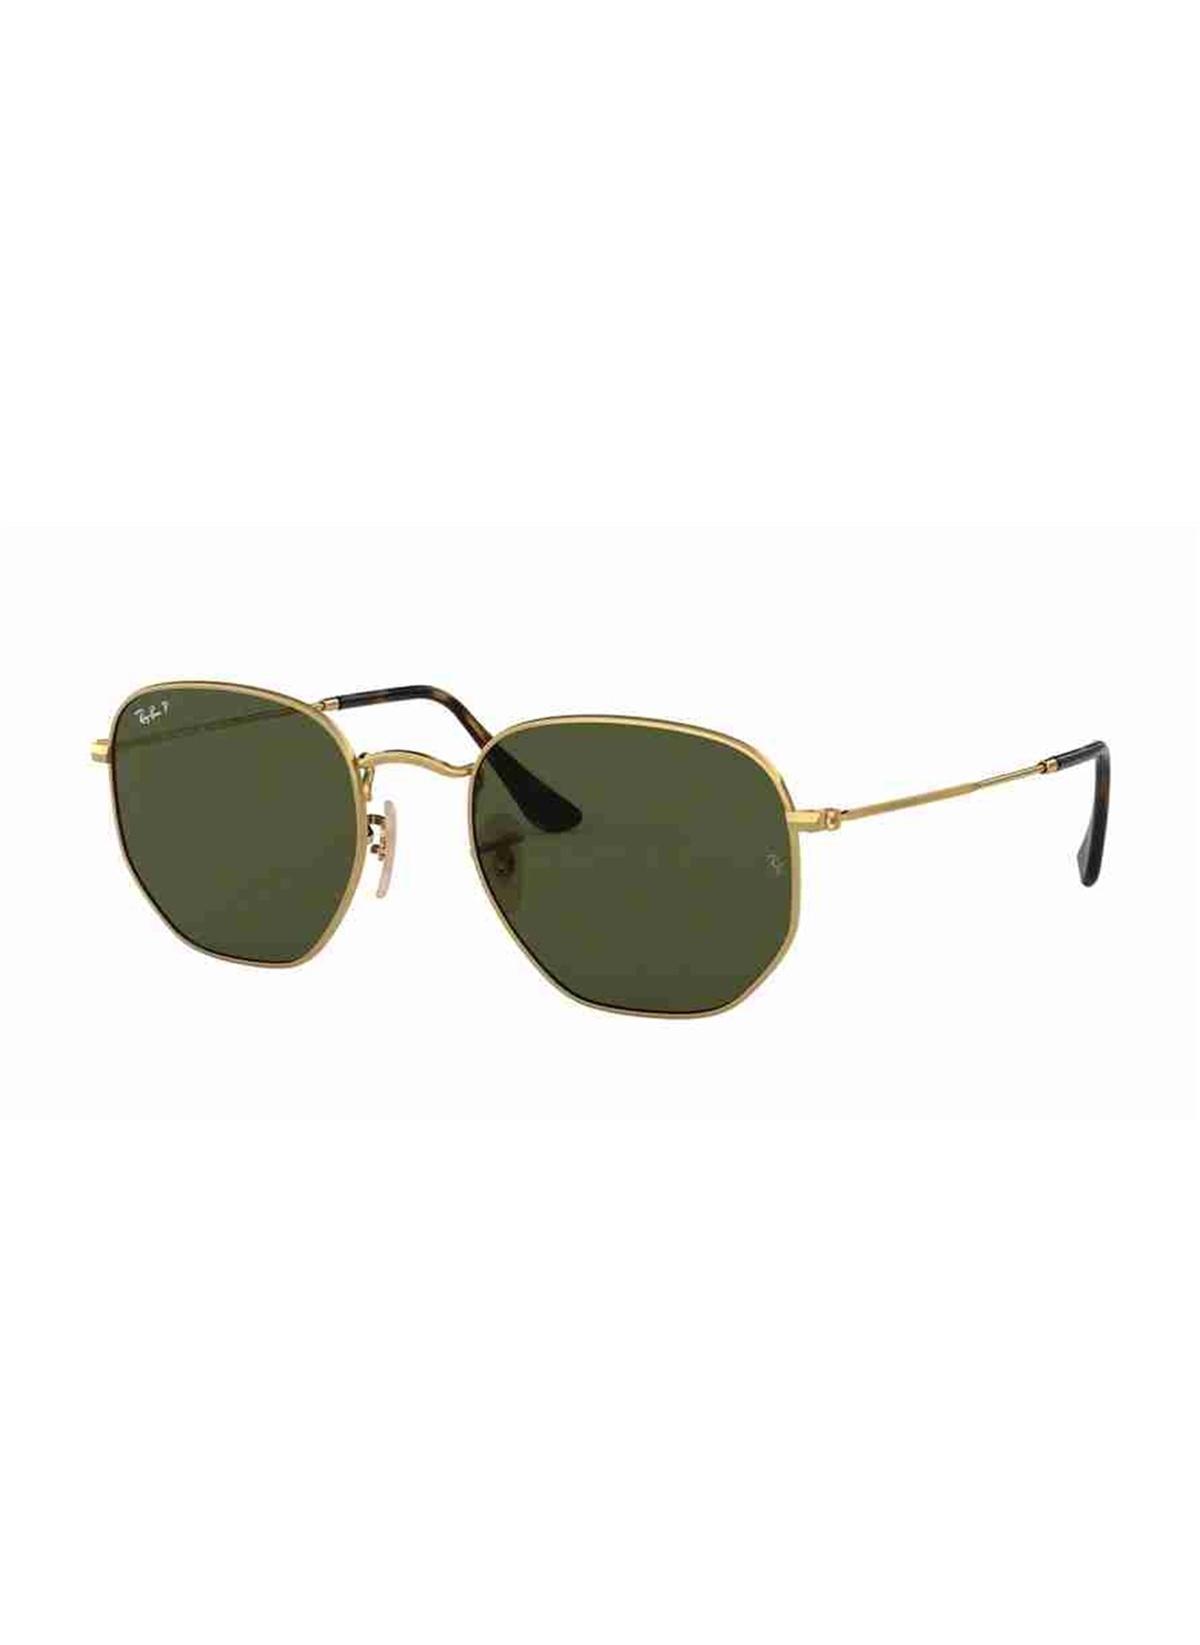 Ray-Ban Unisex Güneş Gözlüğü Renksiz Standart Beden